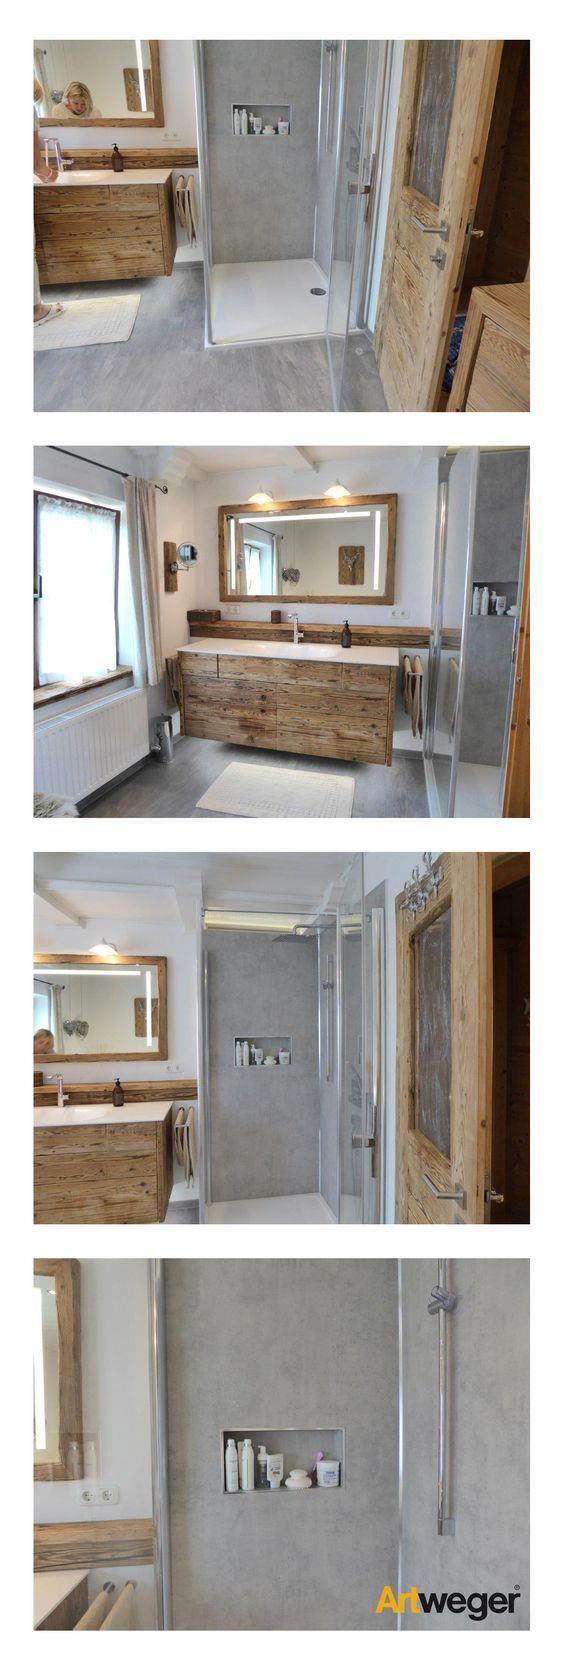 gelungene badsanierung mit artweger twistline dusche artwall wandpaneelen in beton dazupassenden grauen bodenfliesen und - Liebenswurdig Grunes Schlafzimmer Ausfuhrung